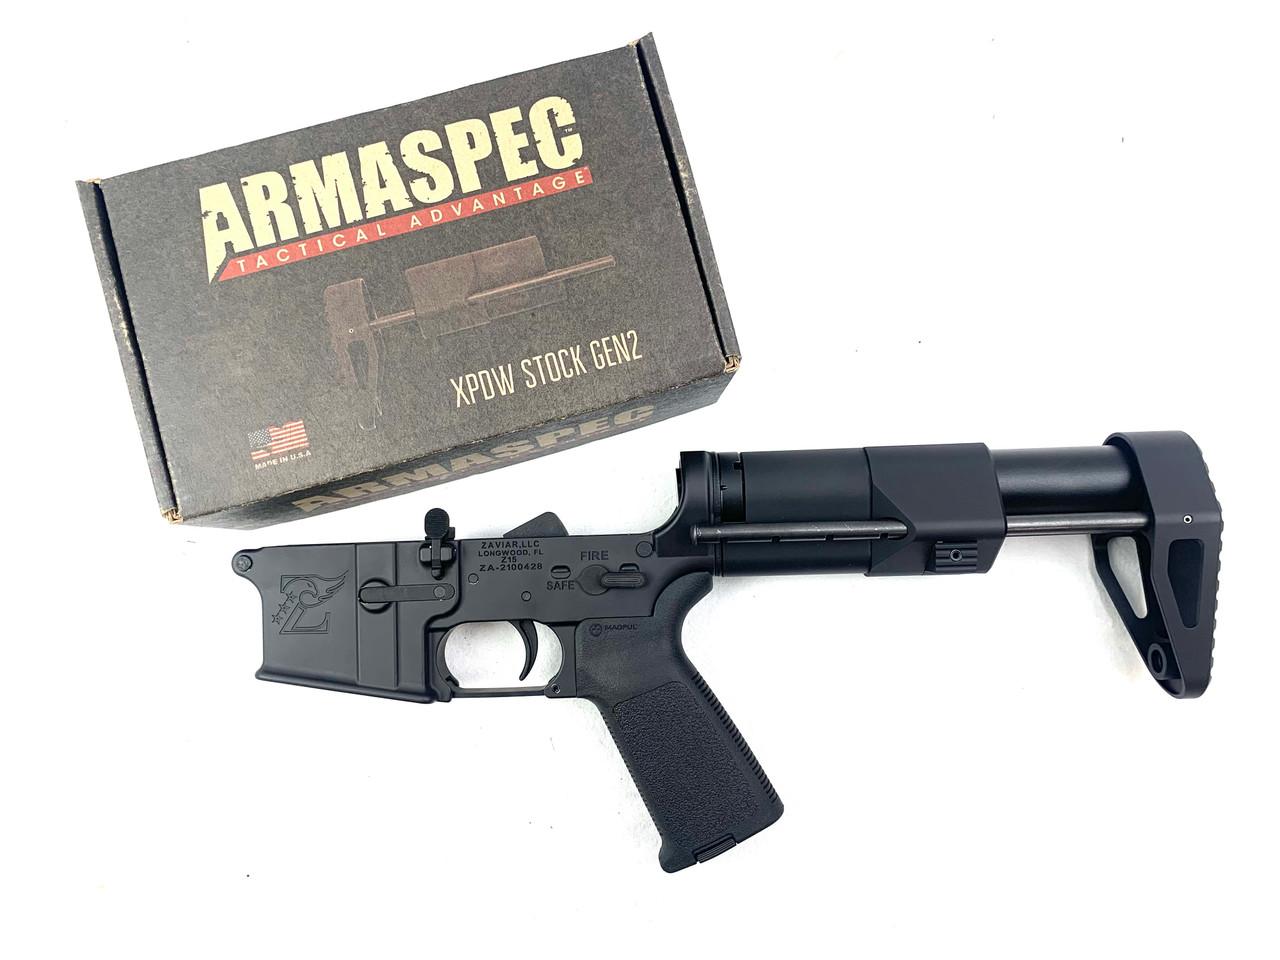 Zaviar Firearms Ar15 Lower Complete with Arma Spec XPDW Stock